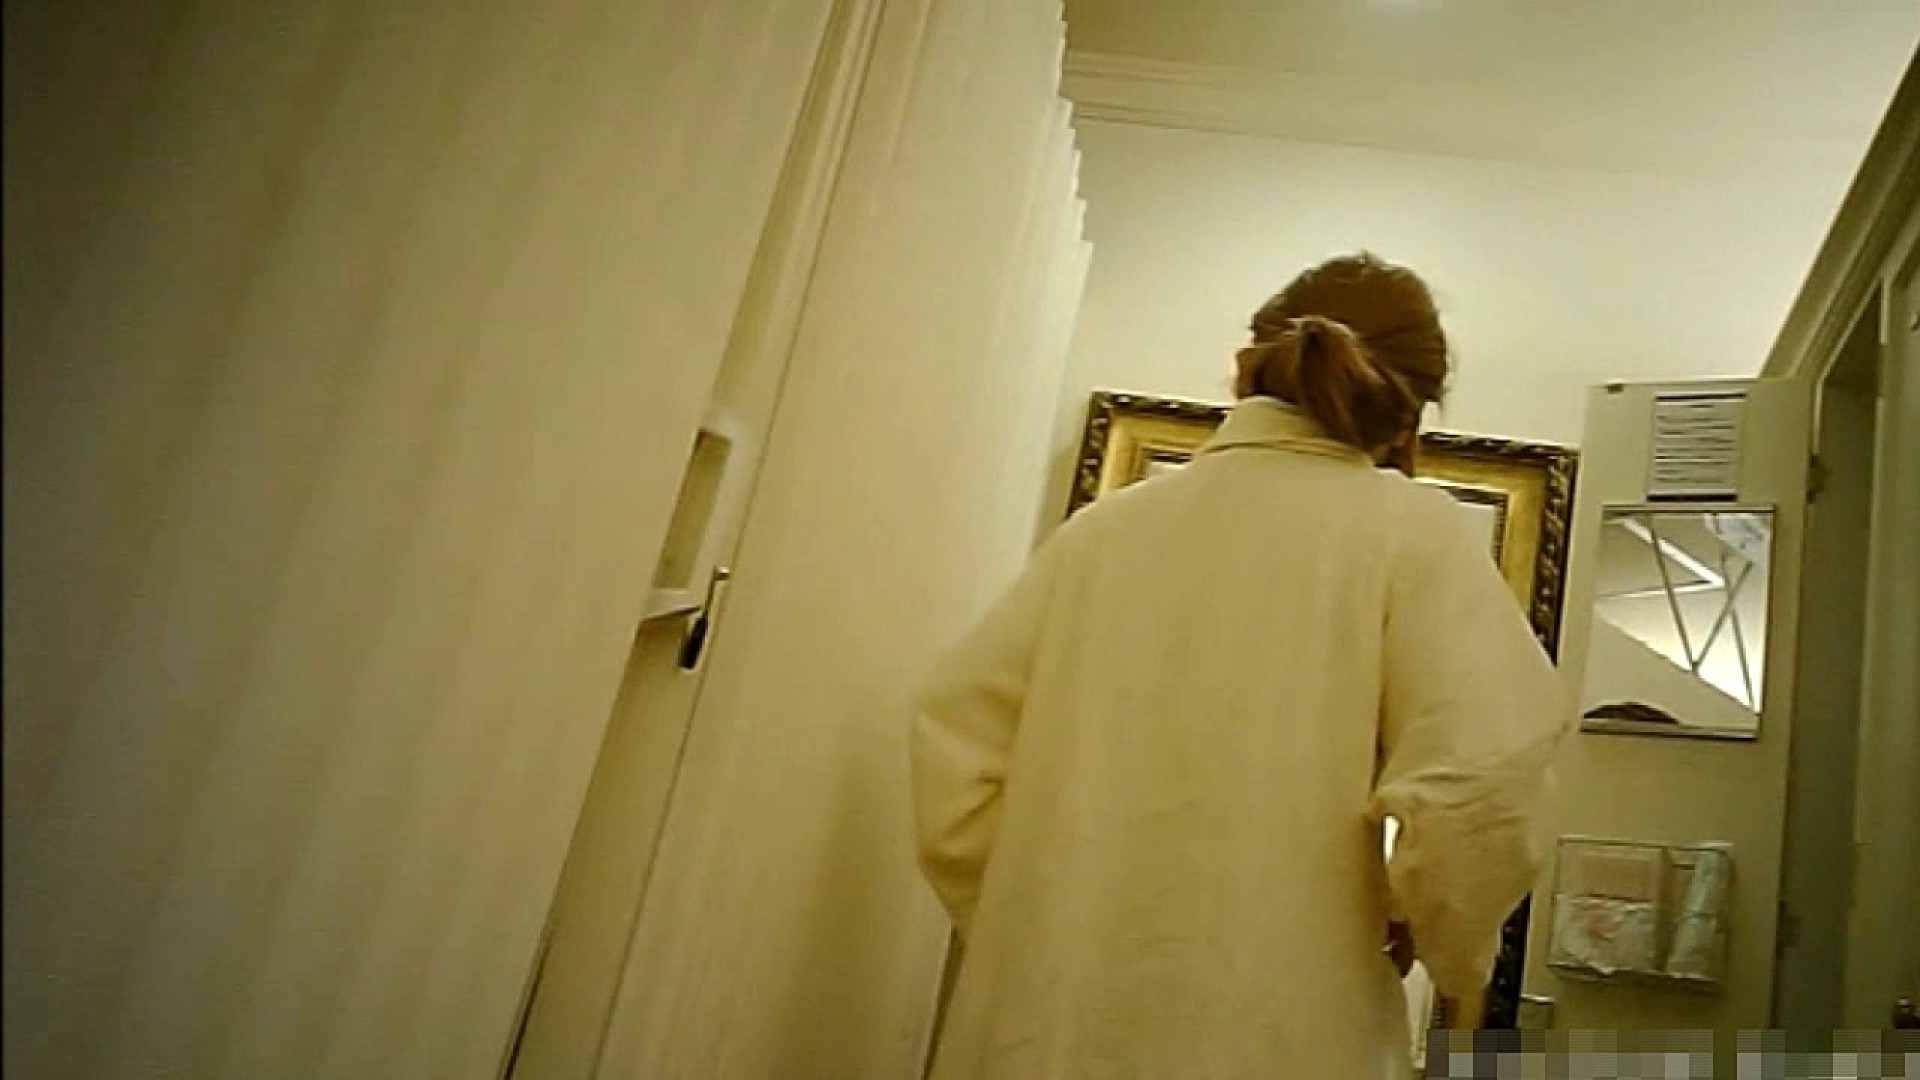 魔術師の お・も・て・な・し vol.07 19歳巨乳ギャルの入浴撮影 現役ギャル | イタズラ  95pic 6